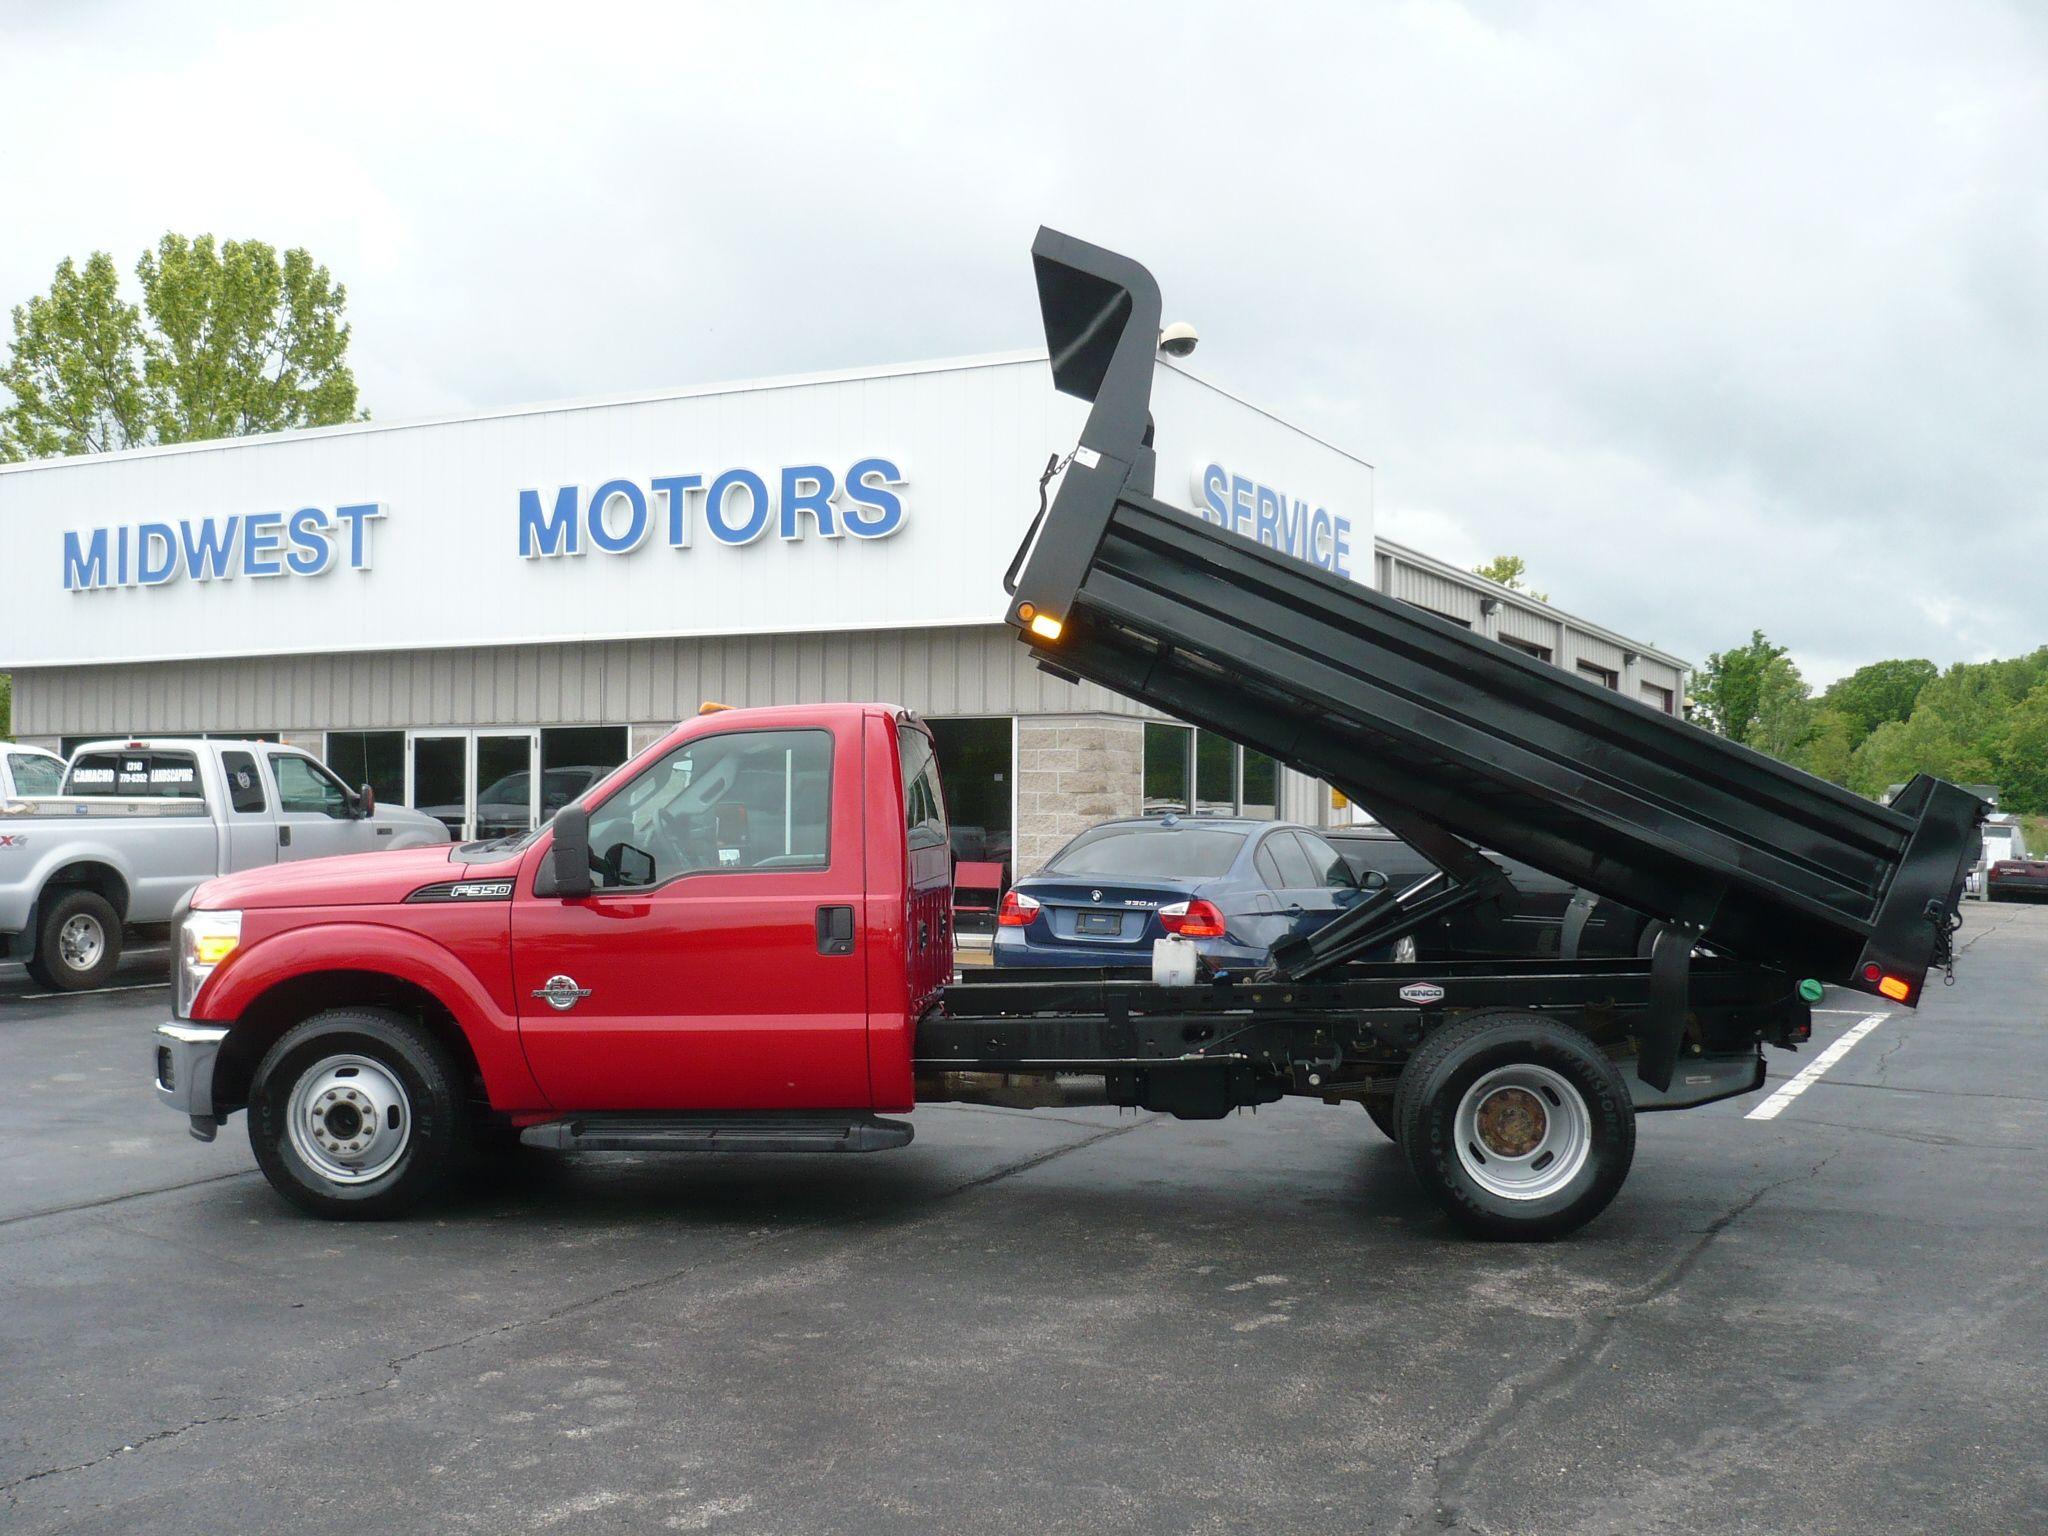 CM DB dump bedMidwest Motorseureka mo Truck bed